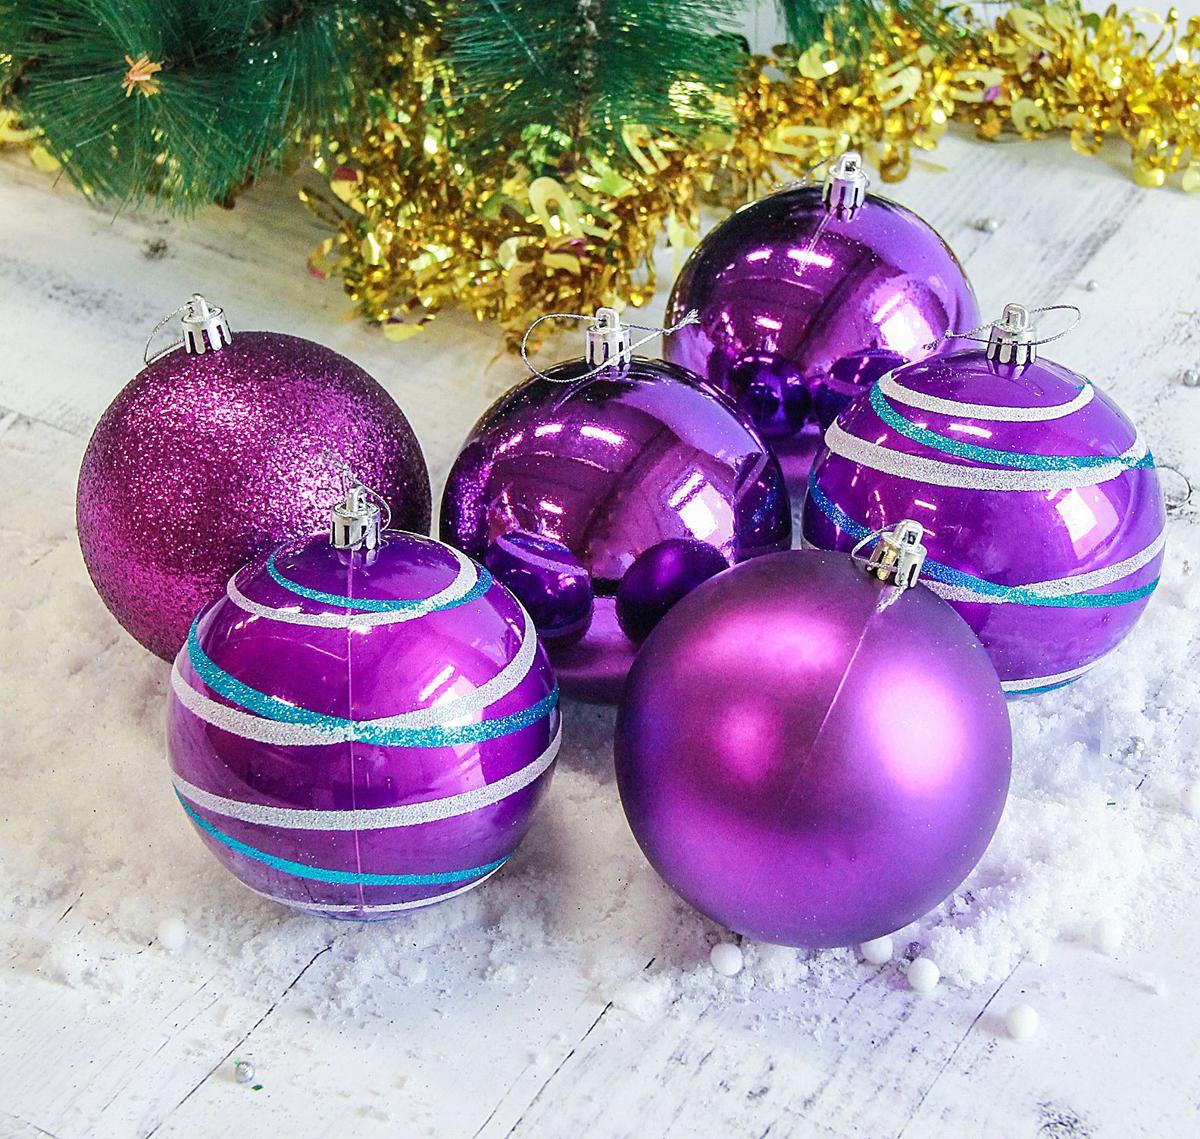 Набор новогодних подвесных украшений Sima-land Орион, цвет: фиолетовый, диаметр 10 см, 6 шт2178437Набор новогодних подвесных украшений Sima-land отлично подойдет для декорации вашего дома и новогодней ели. С помощью специальной петельки украшение можно повесить в любом понравившемся вам месте. Но, конечно, удачнее всего оно будет смотреться на праздничной елке. Елочная игрушка - символ Нового года. Она несет в себе волшебство и красоту праздника. Создайте в своем доме атмосферу веселья и радости, украшая новогоднюю елку нарядными игрушками, которые будут из года в год накапливать теплоту воспоминаний.